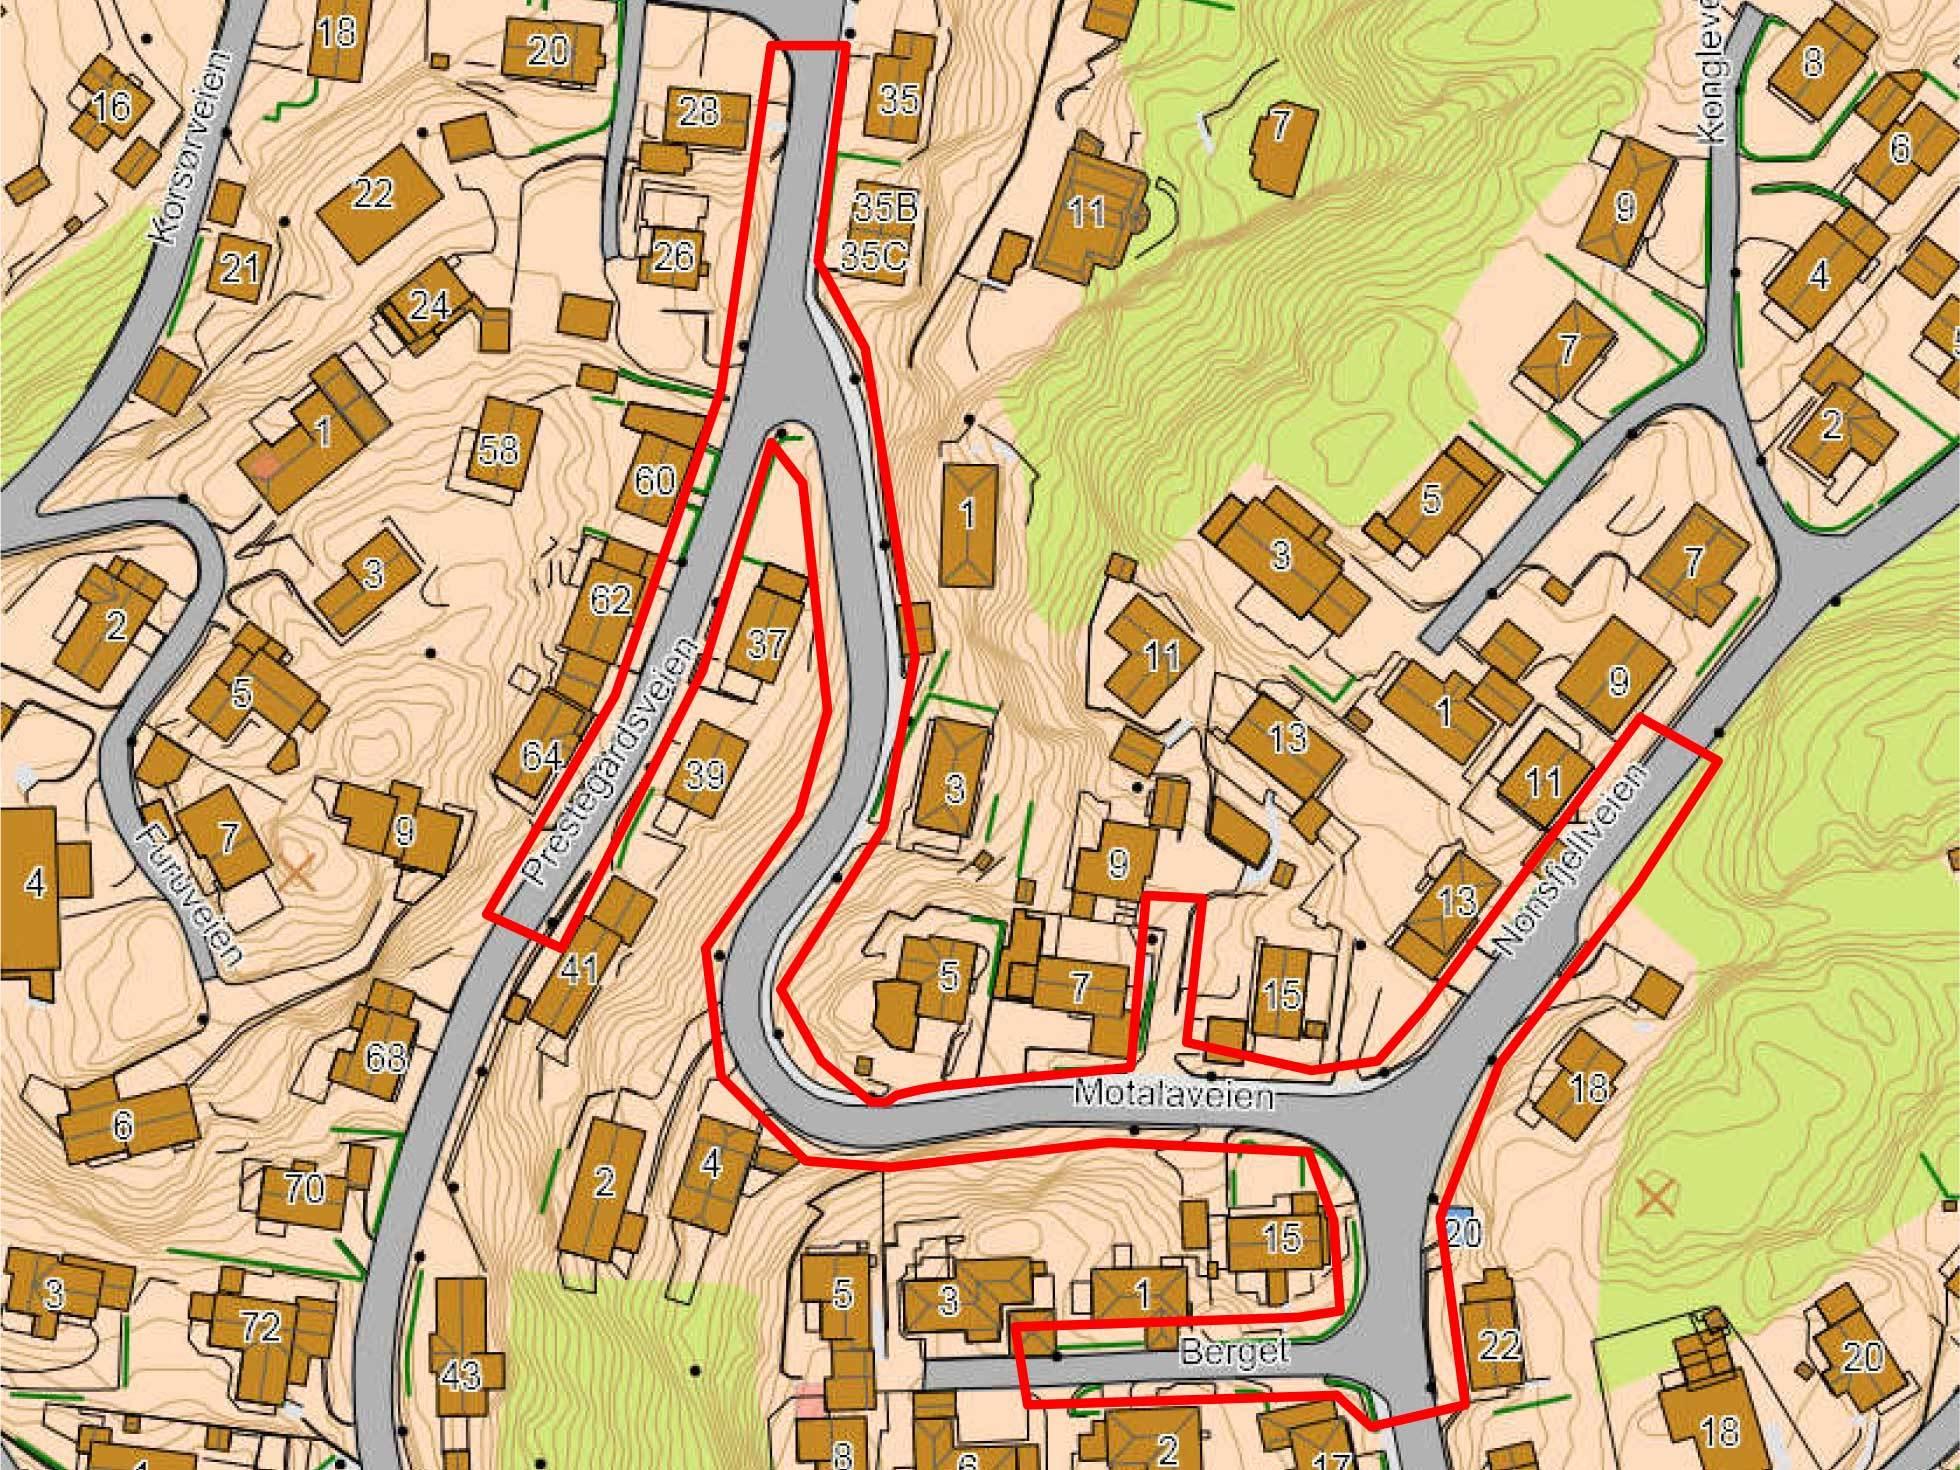 Kart over motalaveien